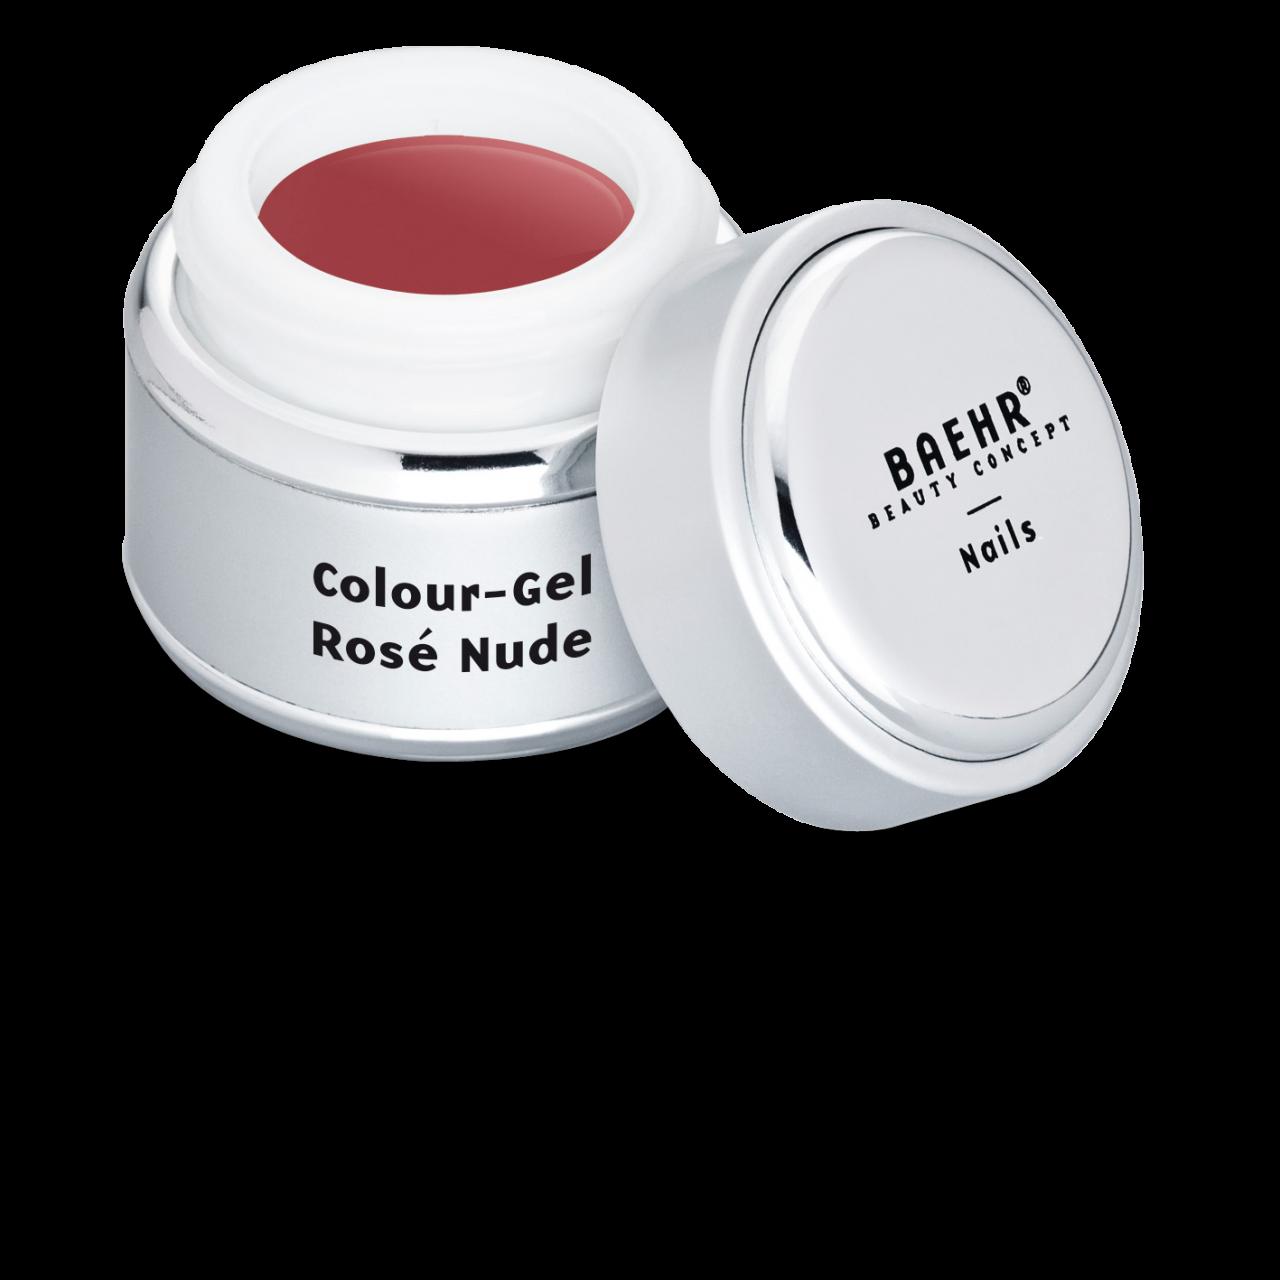 Colour-Gel Rosé Nude 5 ml